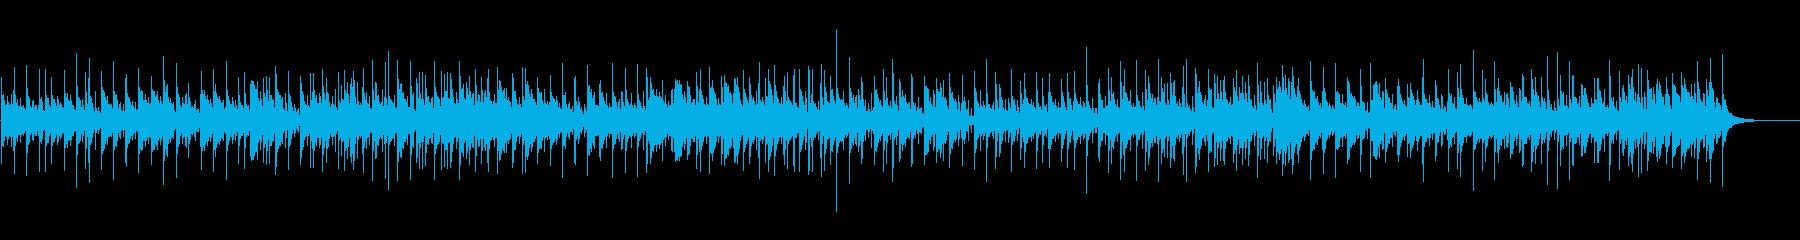 少し憂鬱なポップボサノバの再生済みの波形